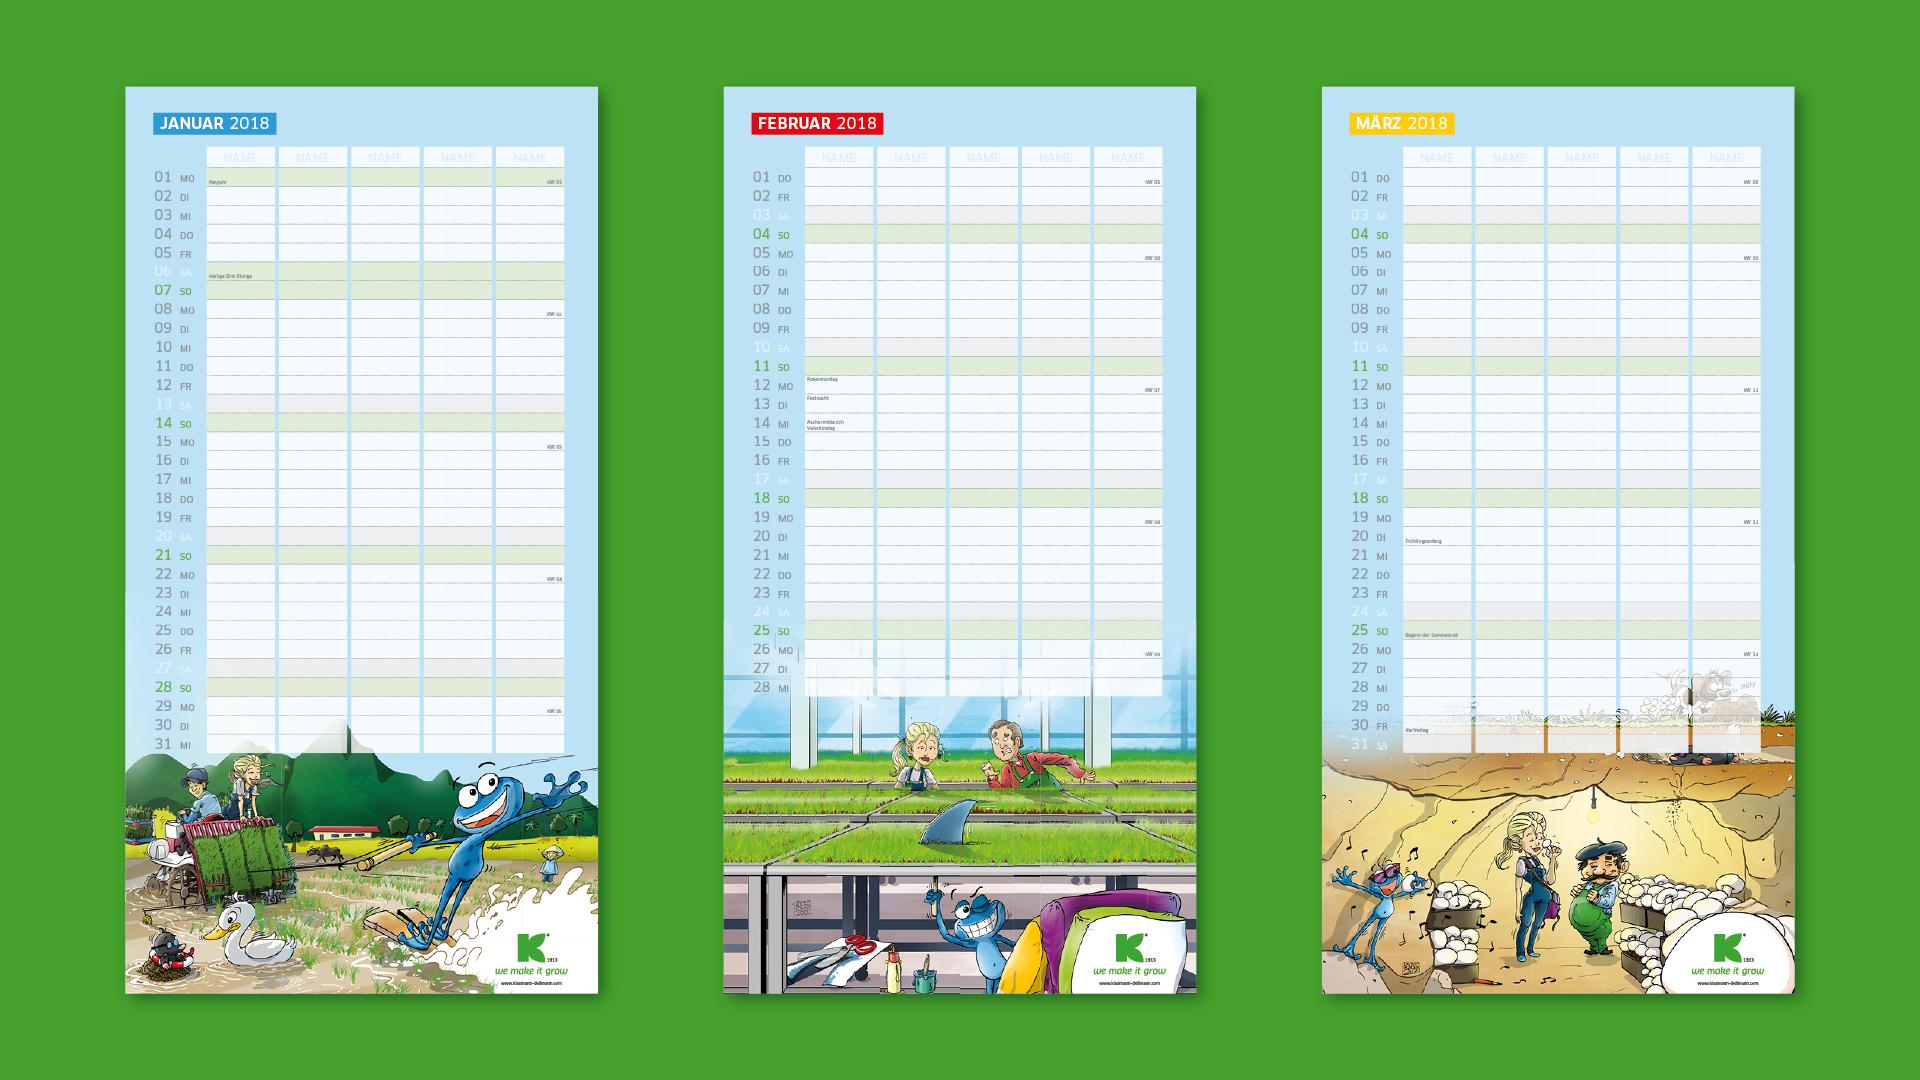 KD Familienplaner Praes Aufb v01 1 - Ein Kalender geht um die Welt – Corporate Design, Grafikdesign, Kommunikationsdesign, Branding, Markenentwicklung, Illustration